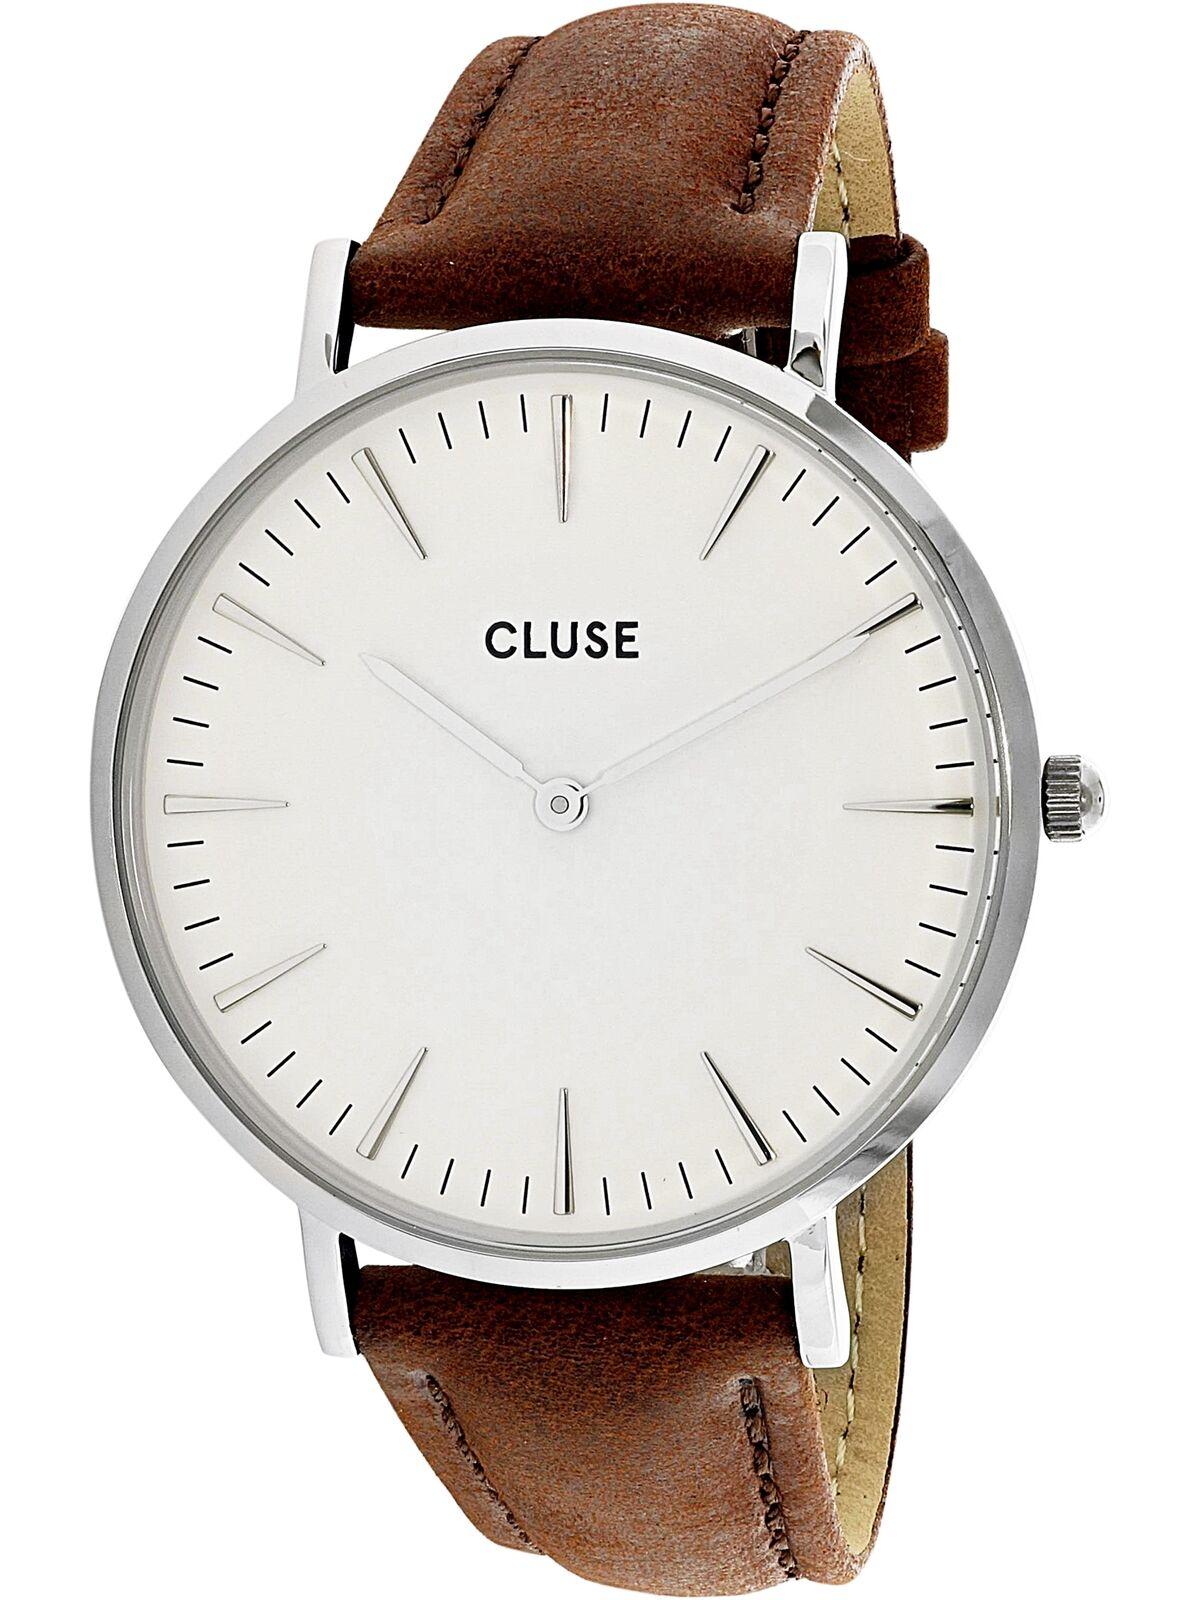 Cluse Boheme La Dial Cl18210 Leather White Ladies Watch Brown 08NwmOvn